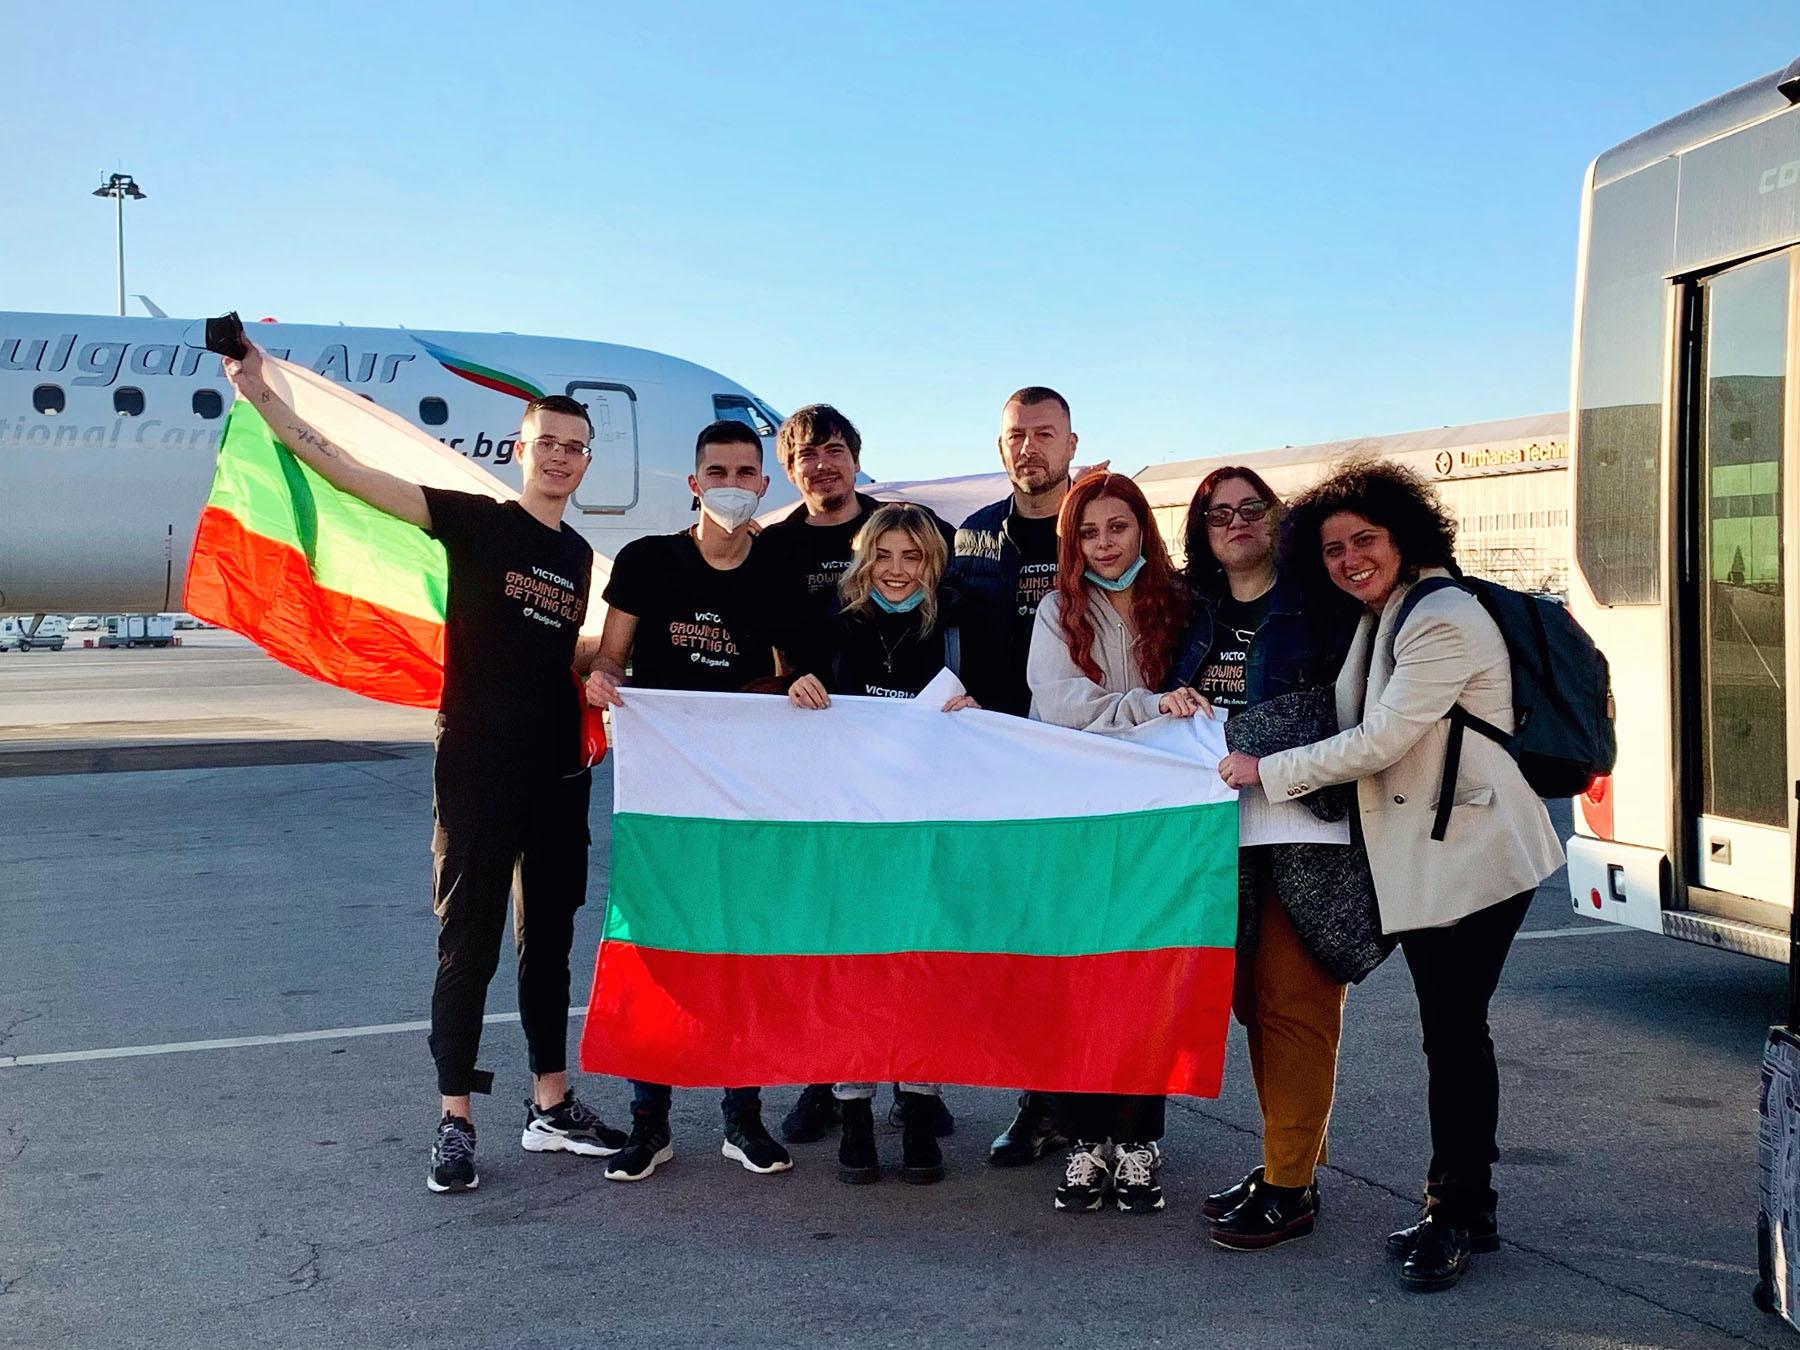 Виктория пристигна в Ротердам за Евровизия 2021 27